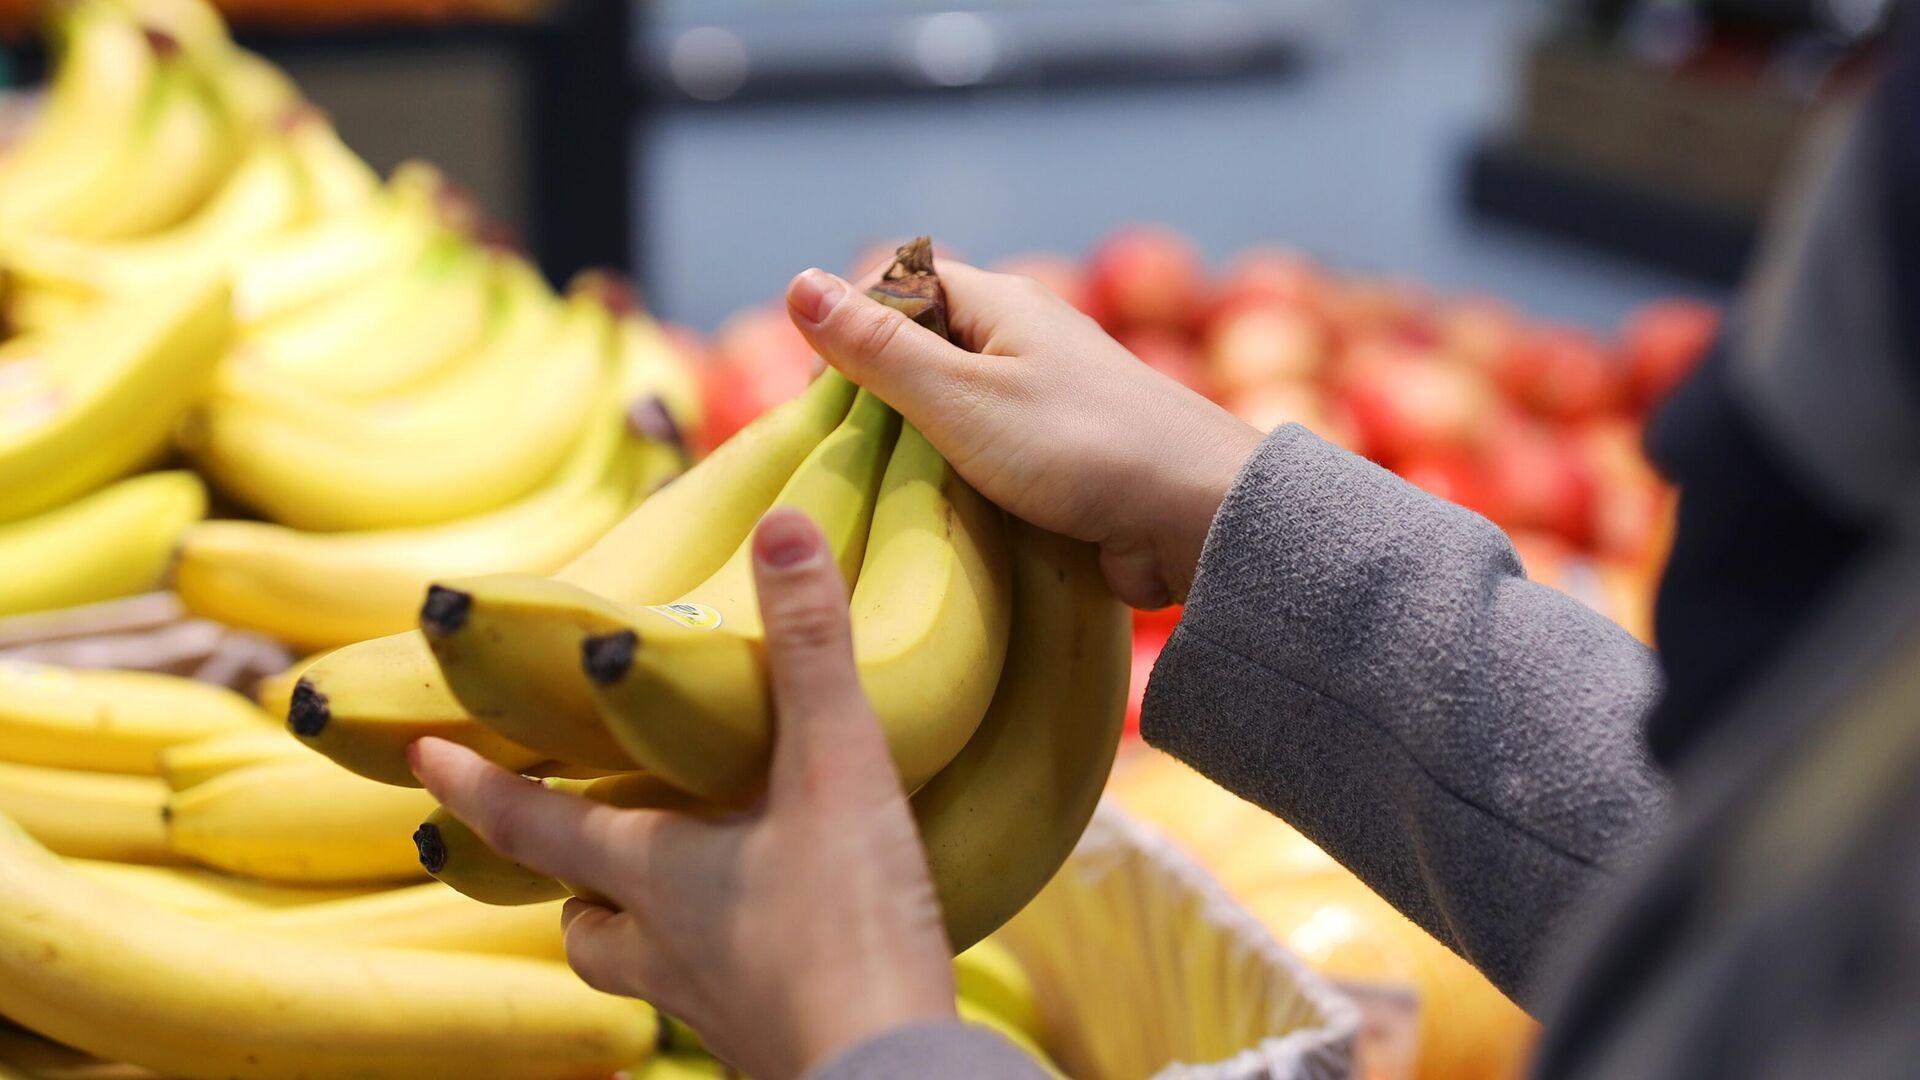 Покупательница выбирает бананы в магазине - РИА Новости, 1920, 05.06.2021